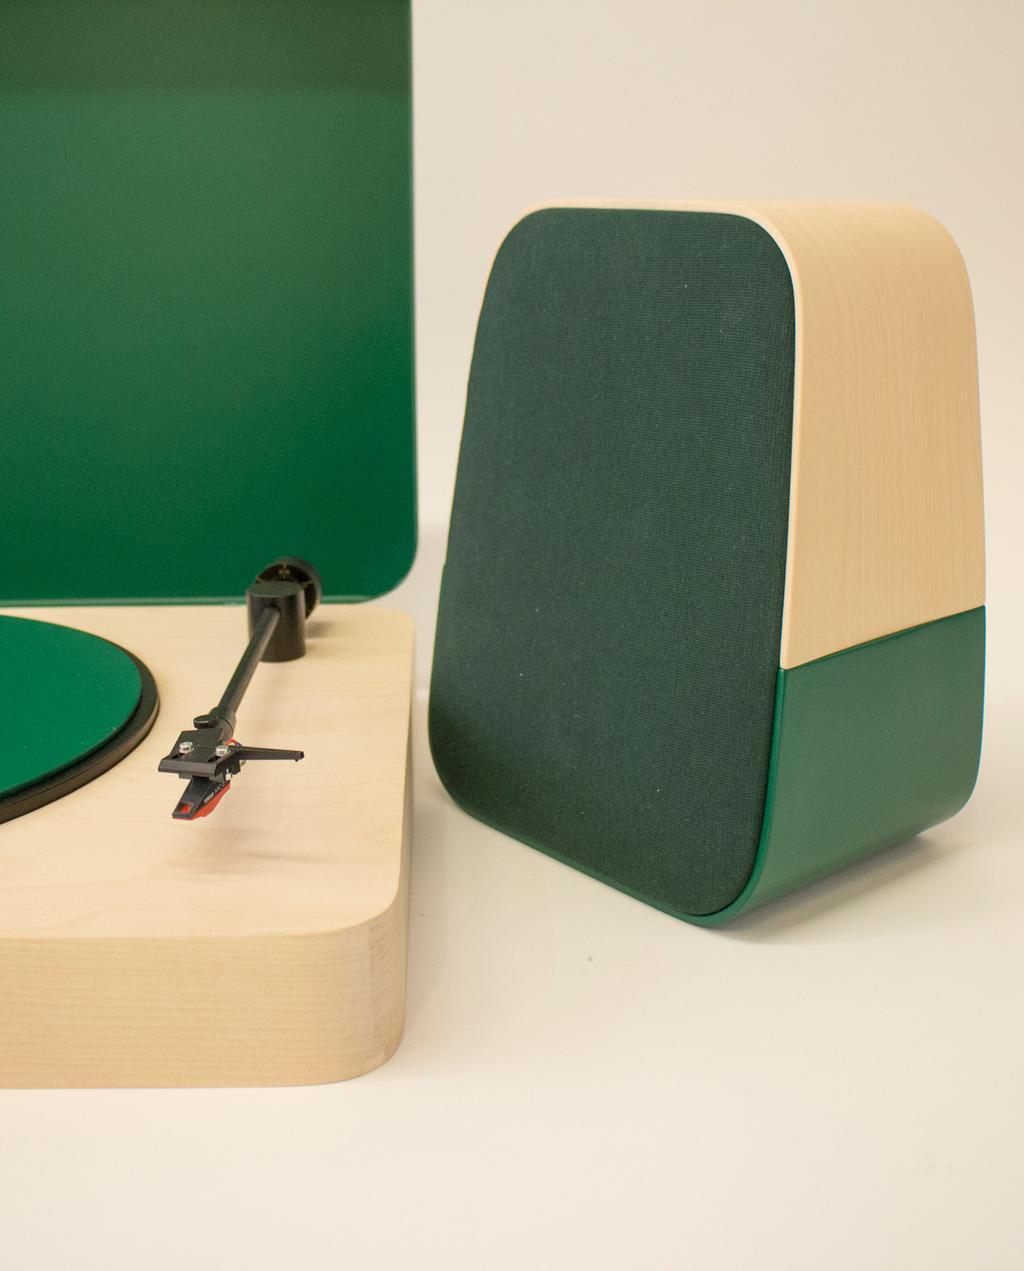 vtwonen blog | blog StudentDesign design voor op je verlanglijstje Tomi Laukkanen groene muziekspelers boxen close-up